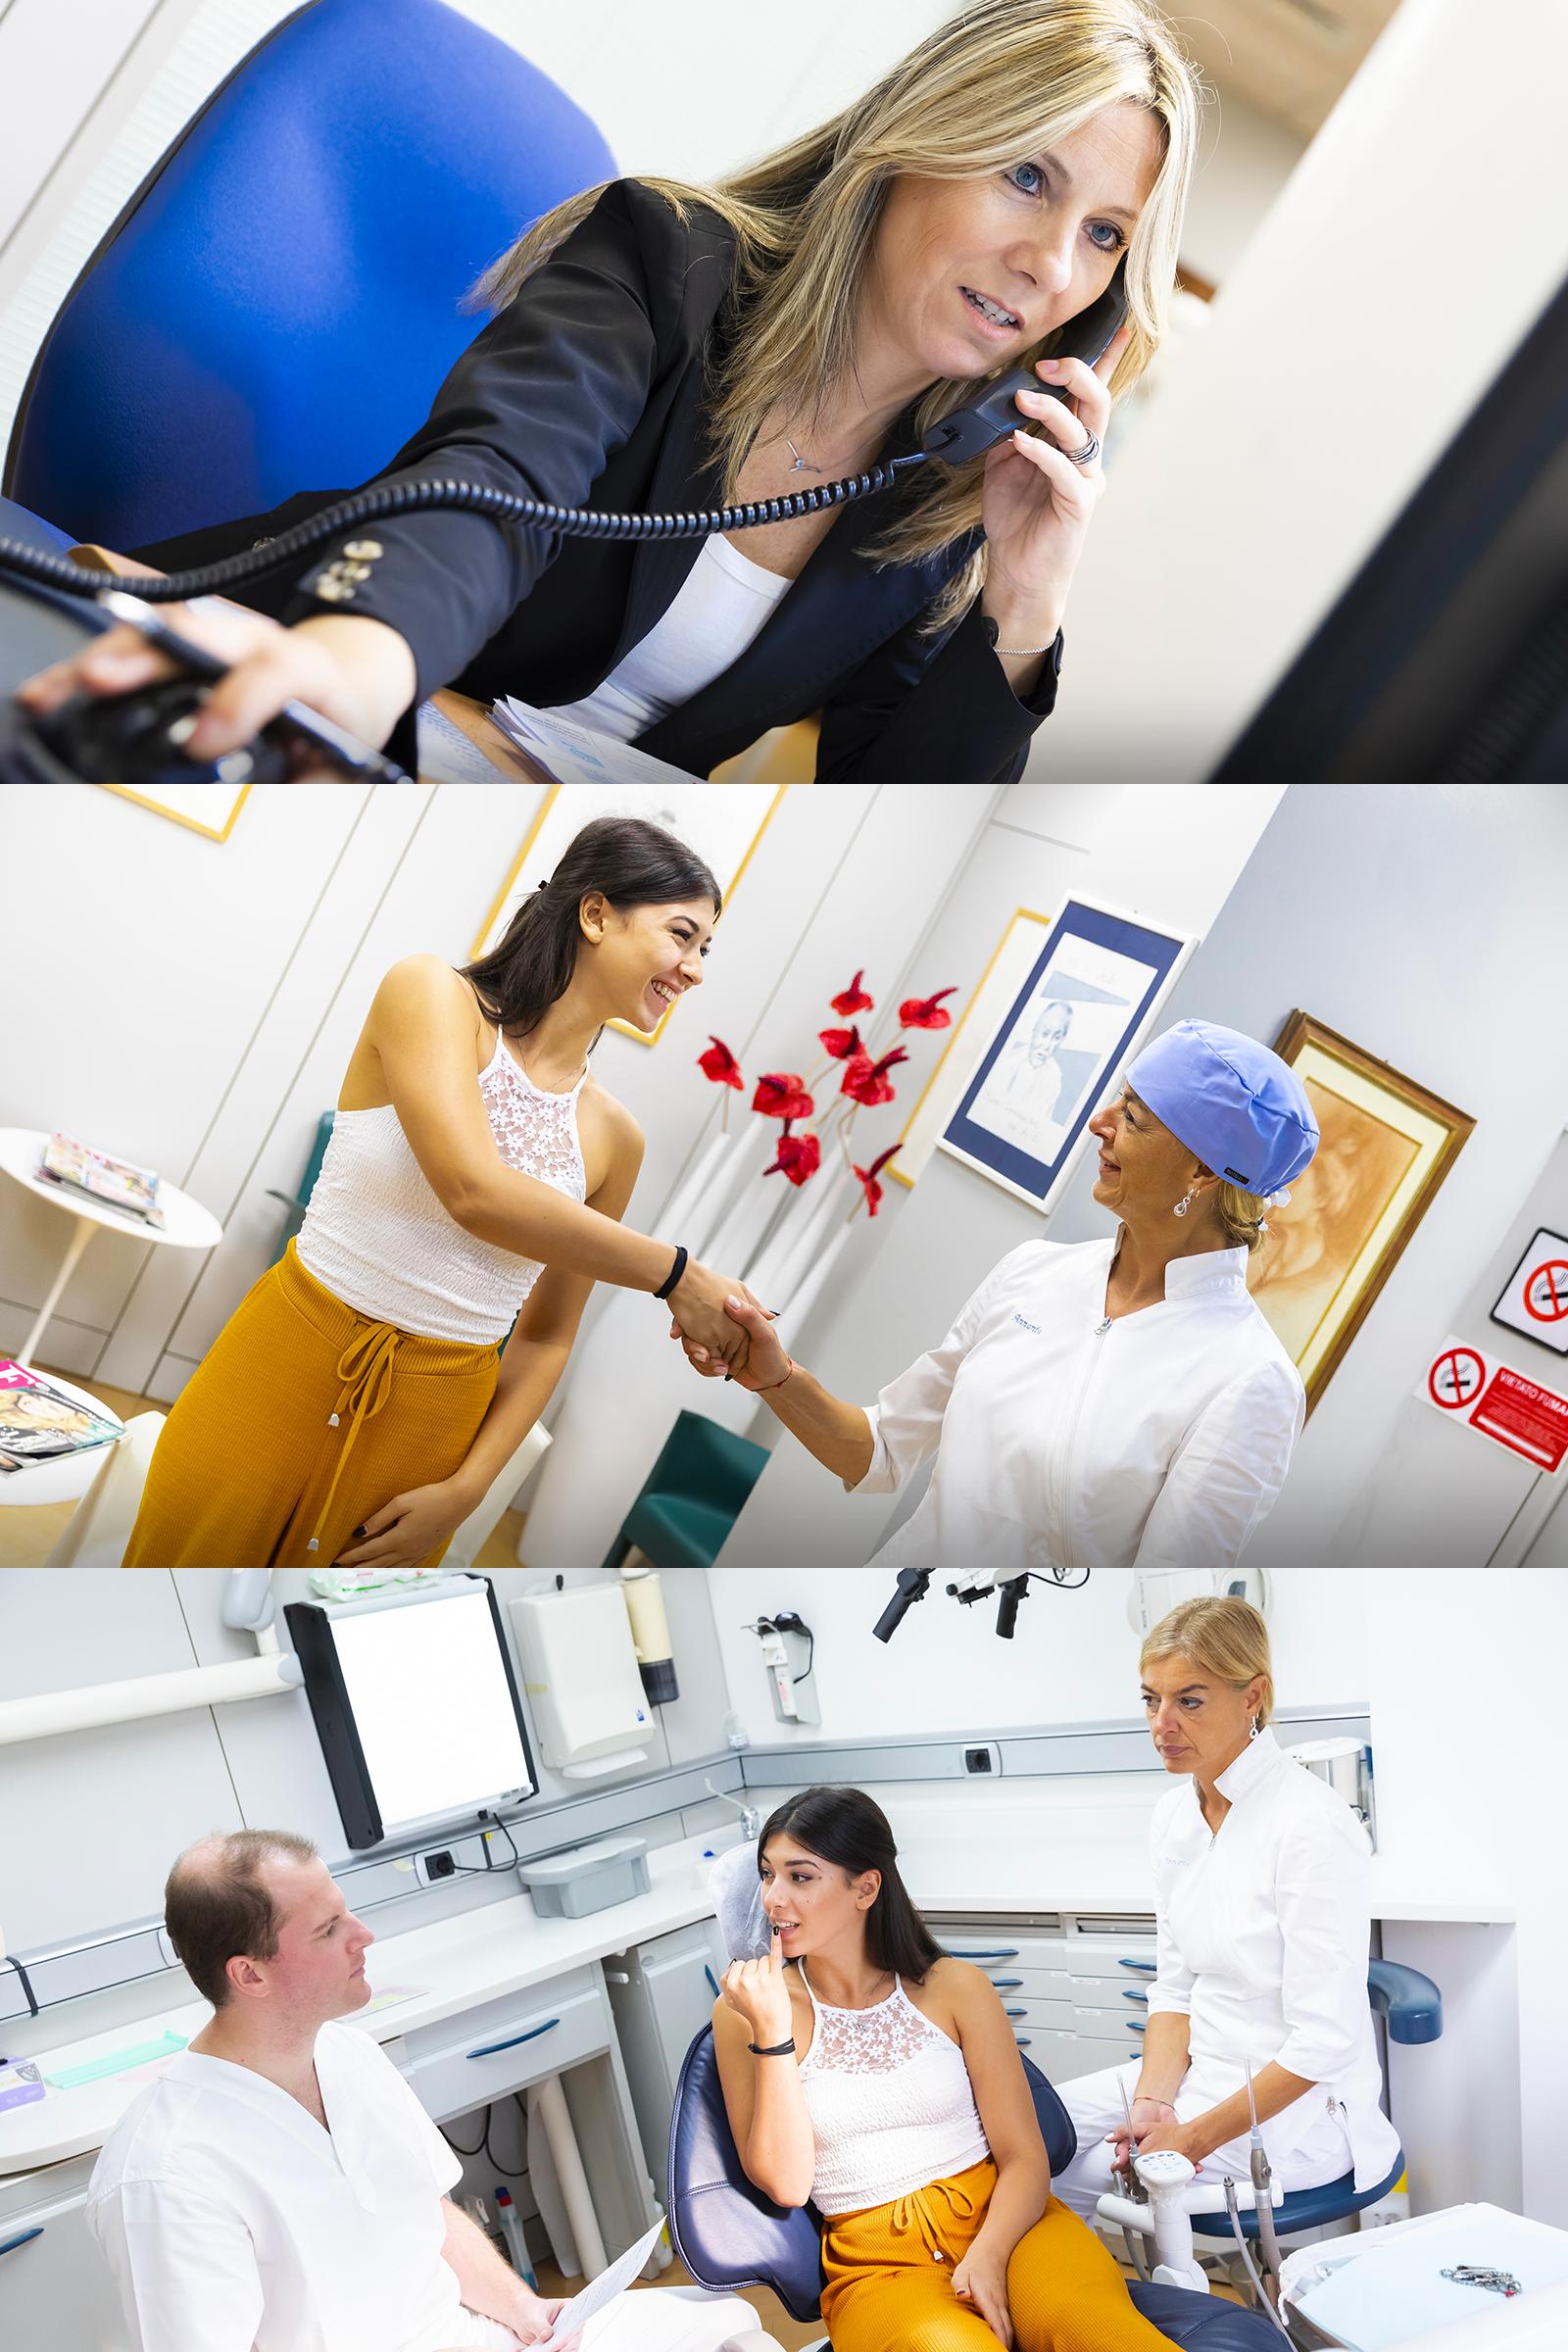 La prima visita è fondamentale per programmare un piano di cure